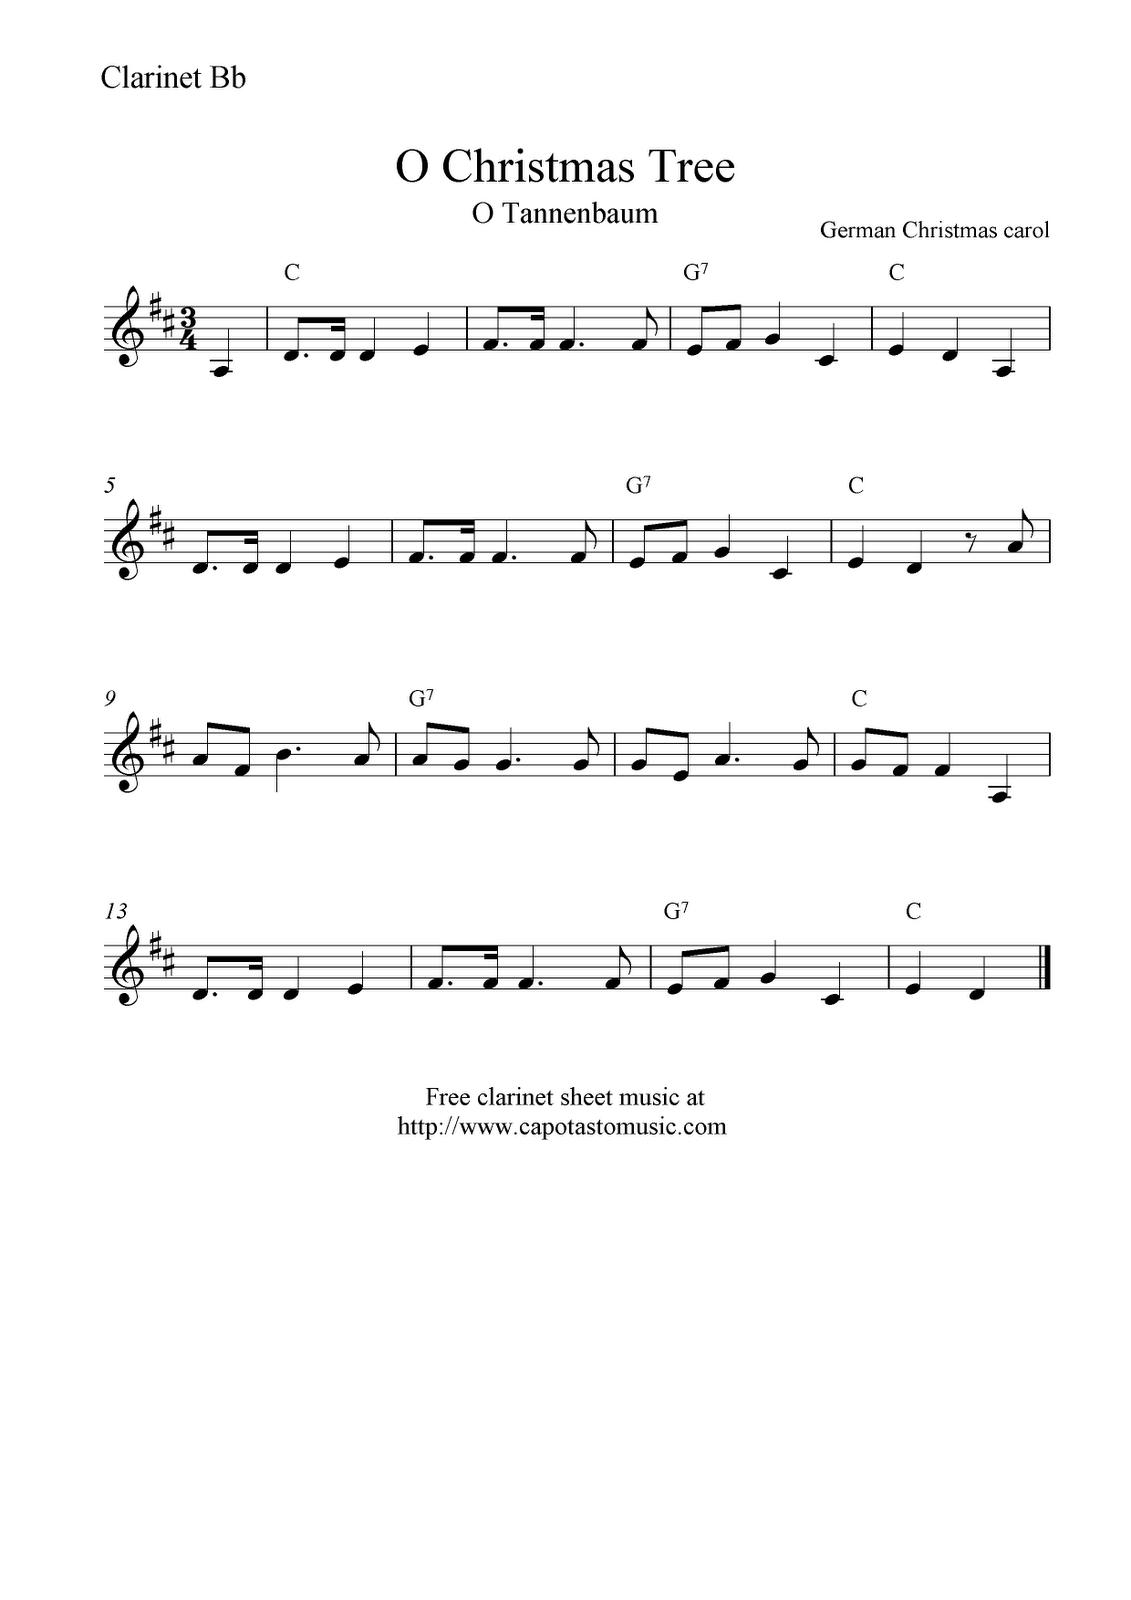 Free Sheet Music Scores: O Christmas Tree (O Tannenbaum), Free - Free Printable Christmas Songs For Clarinet